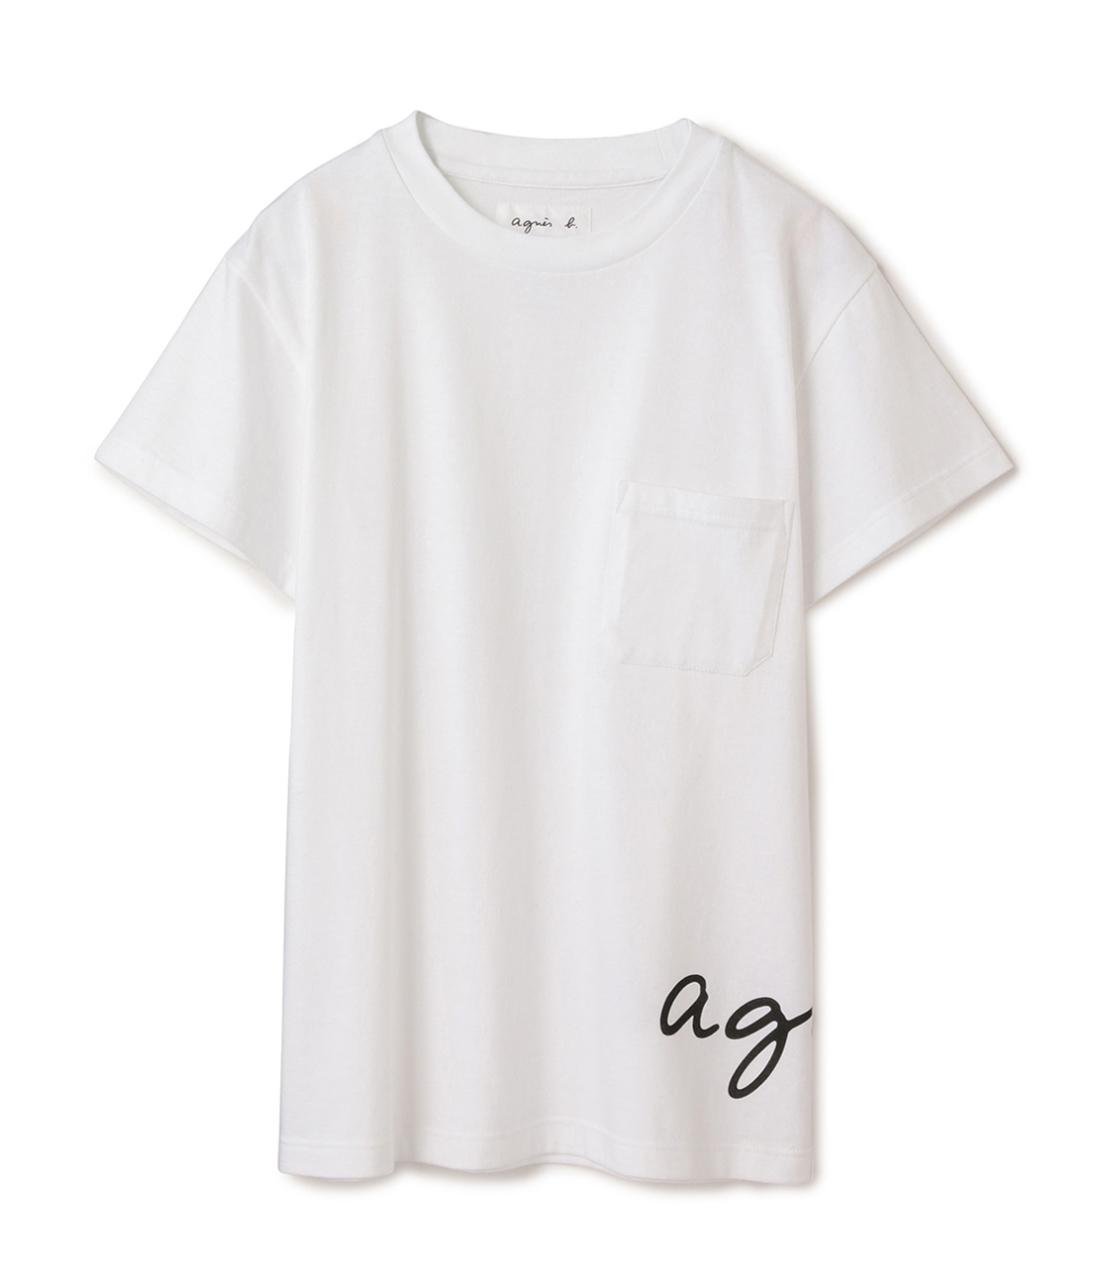 ADAM ET ROPÉがagnès b.とコラボレーション。ロゴをポイントにしたTシャツを発売。_1_4-1